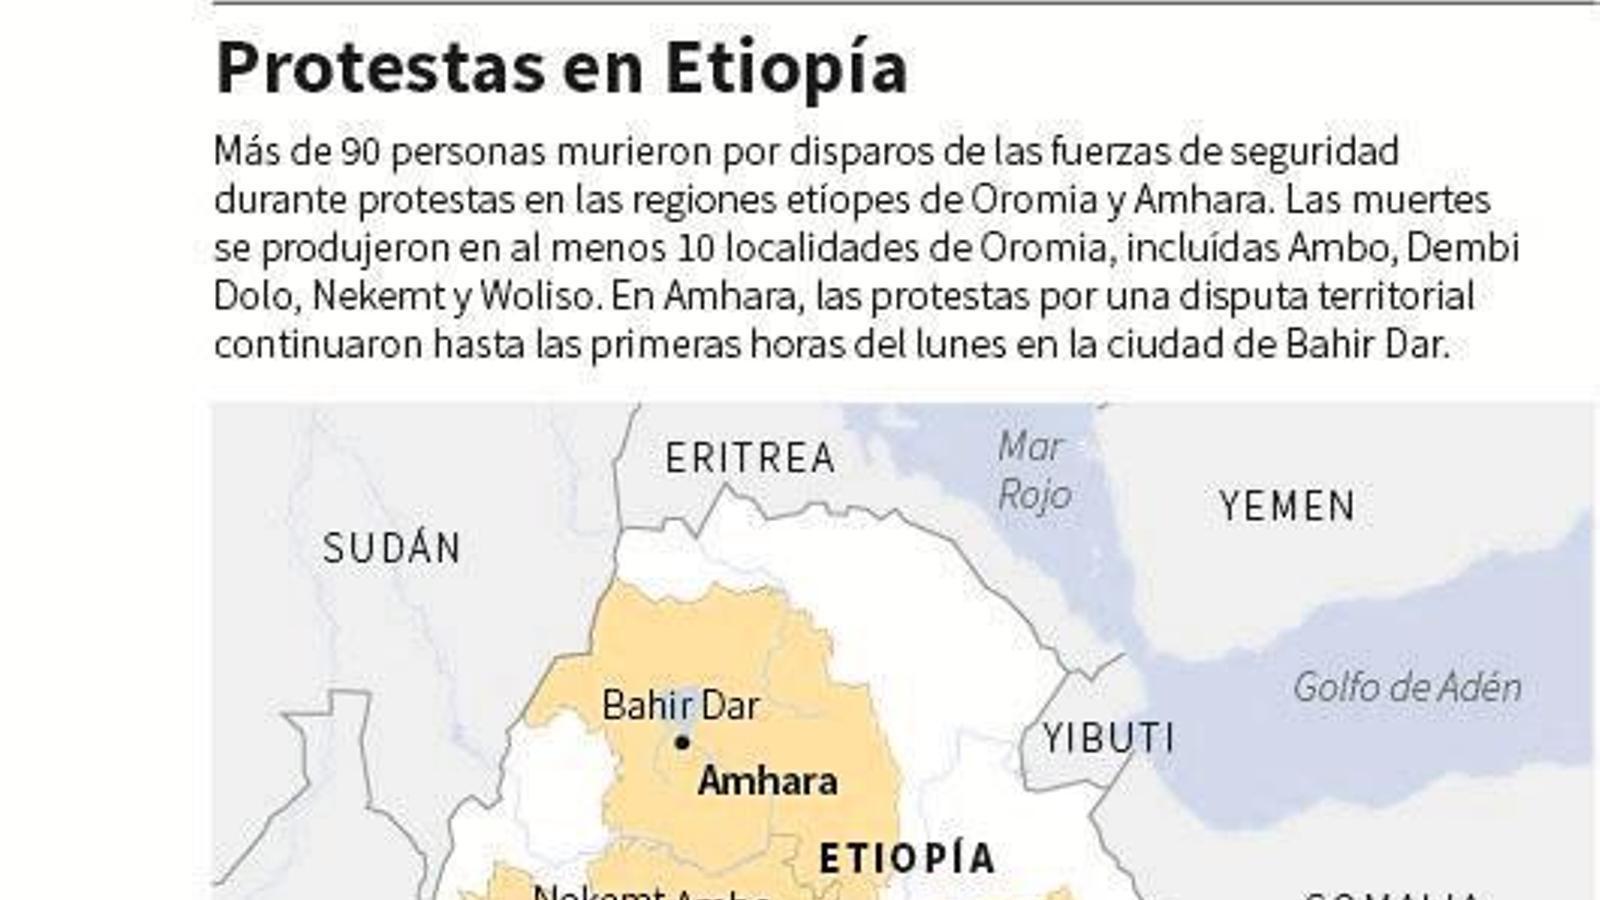 El mapa de les protestes a Etiòpia. / REUTERS